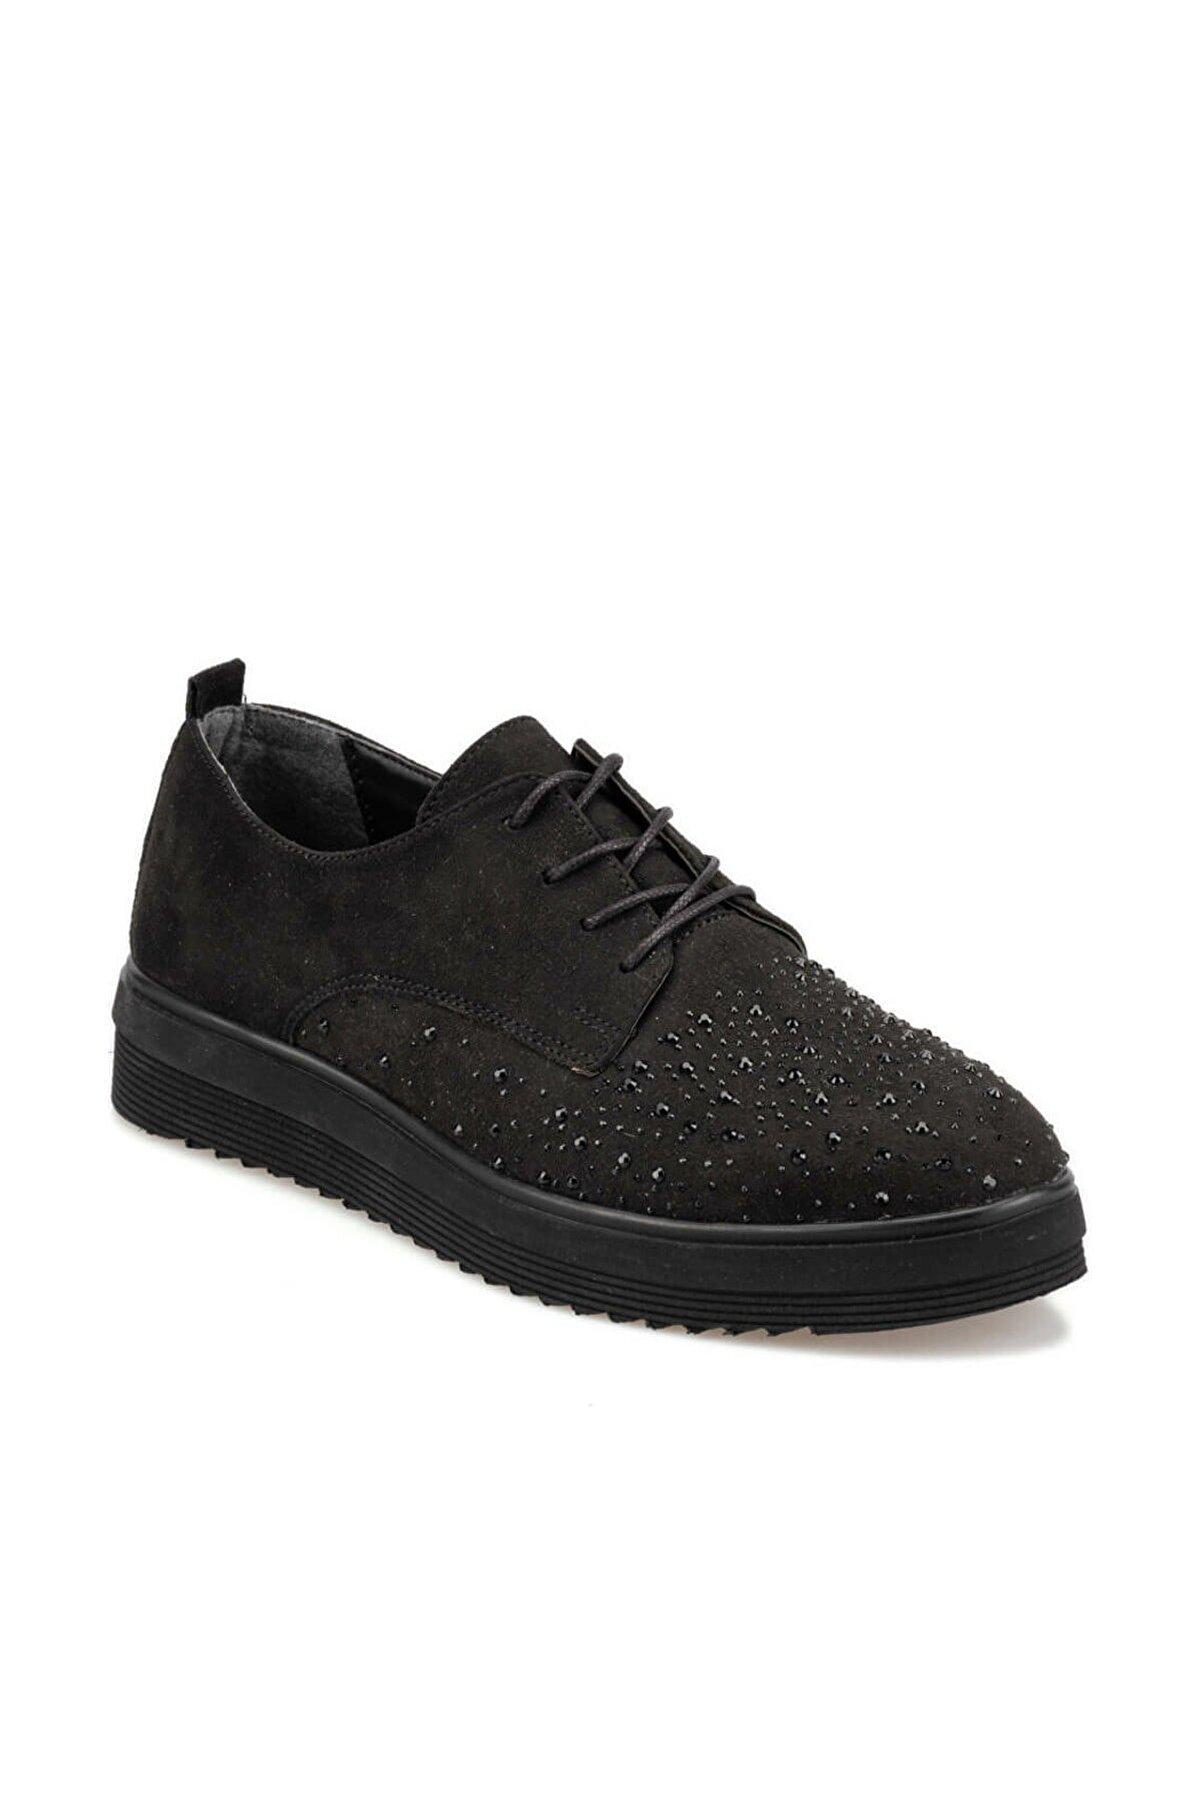 Polaris 92.312060.Z Siyah Kadın Oxford Ayakkabı 100421702